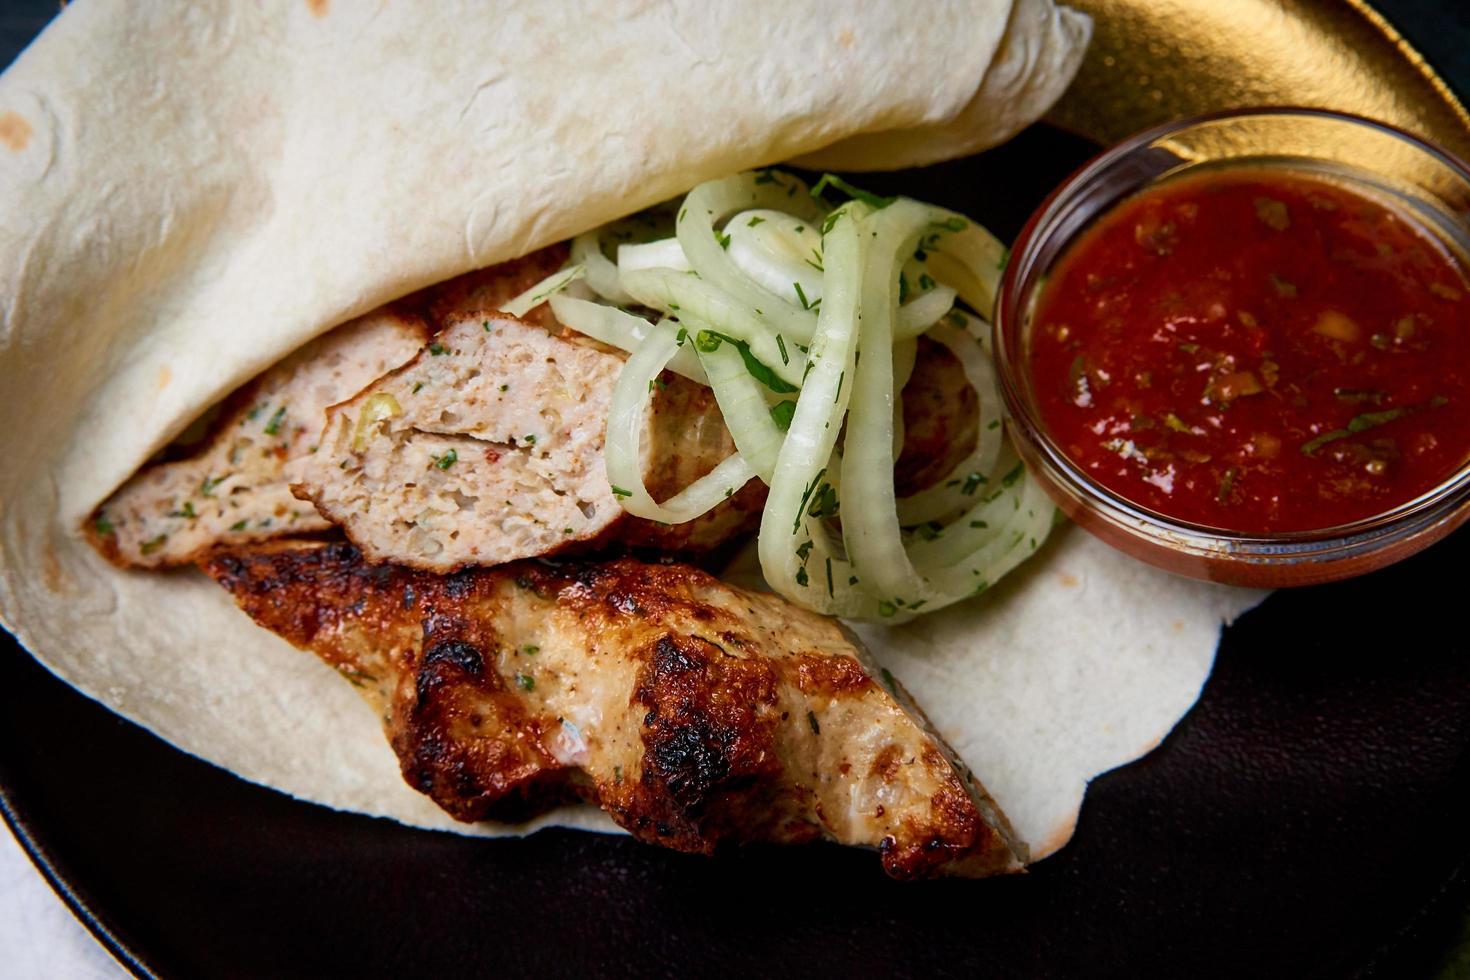 bakat kött i pitabröd foto